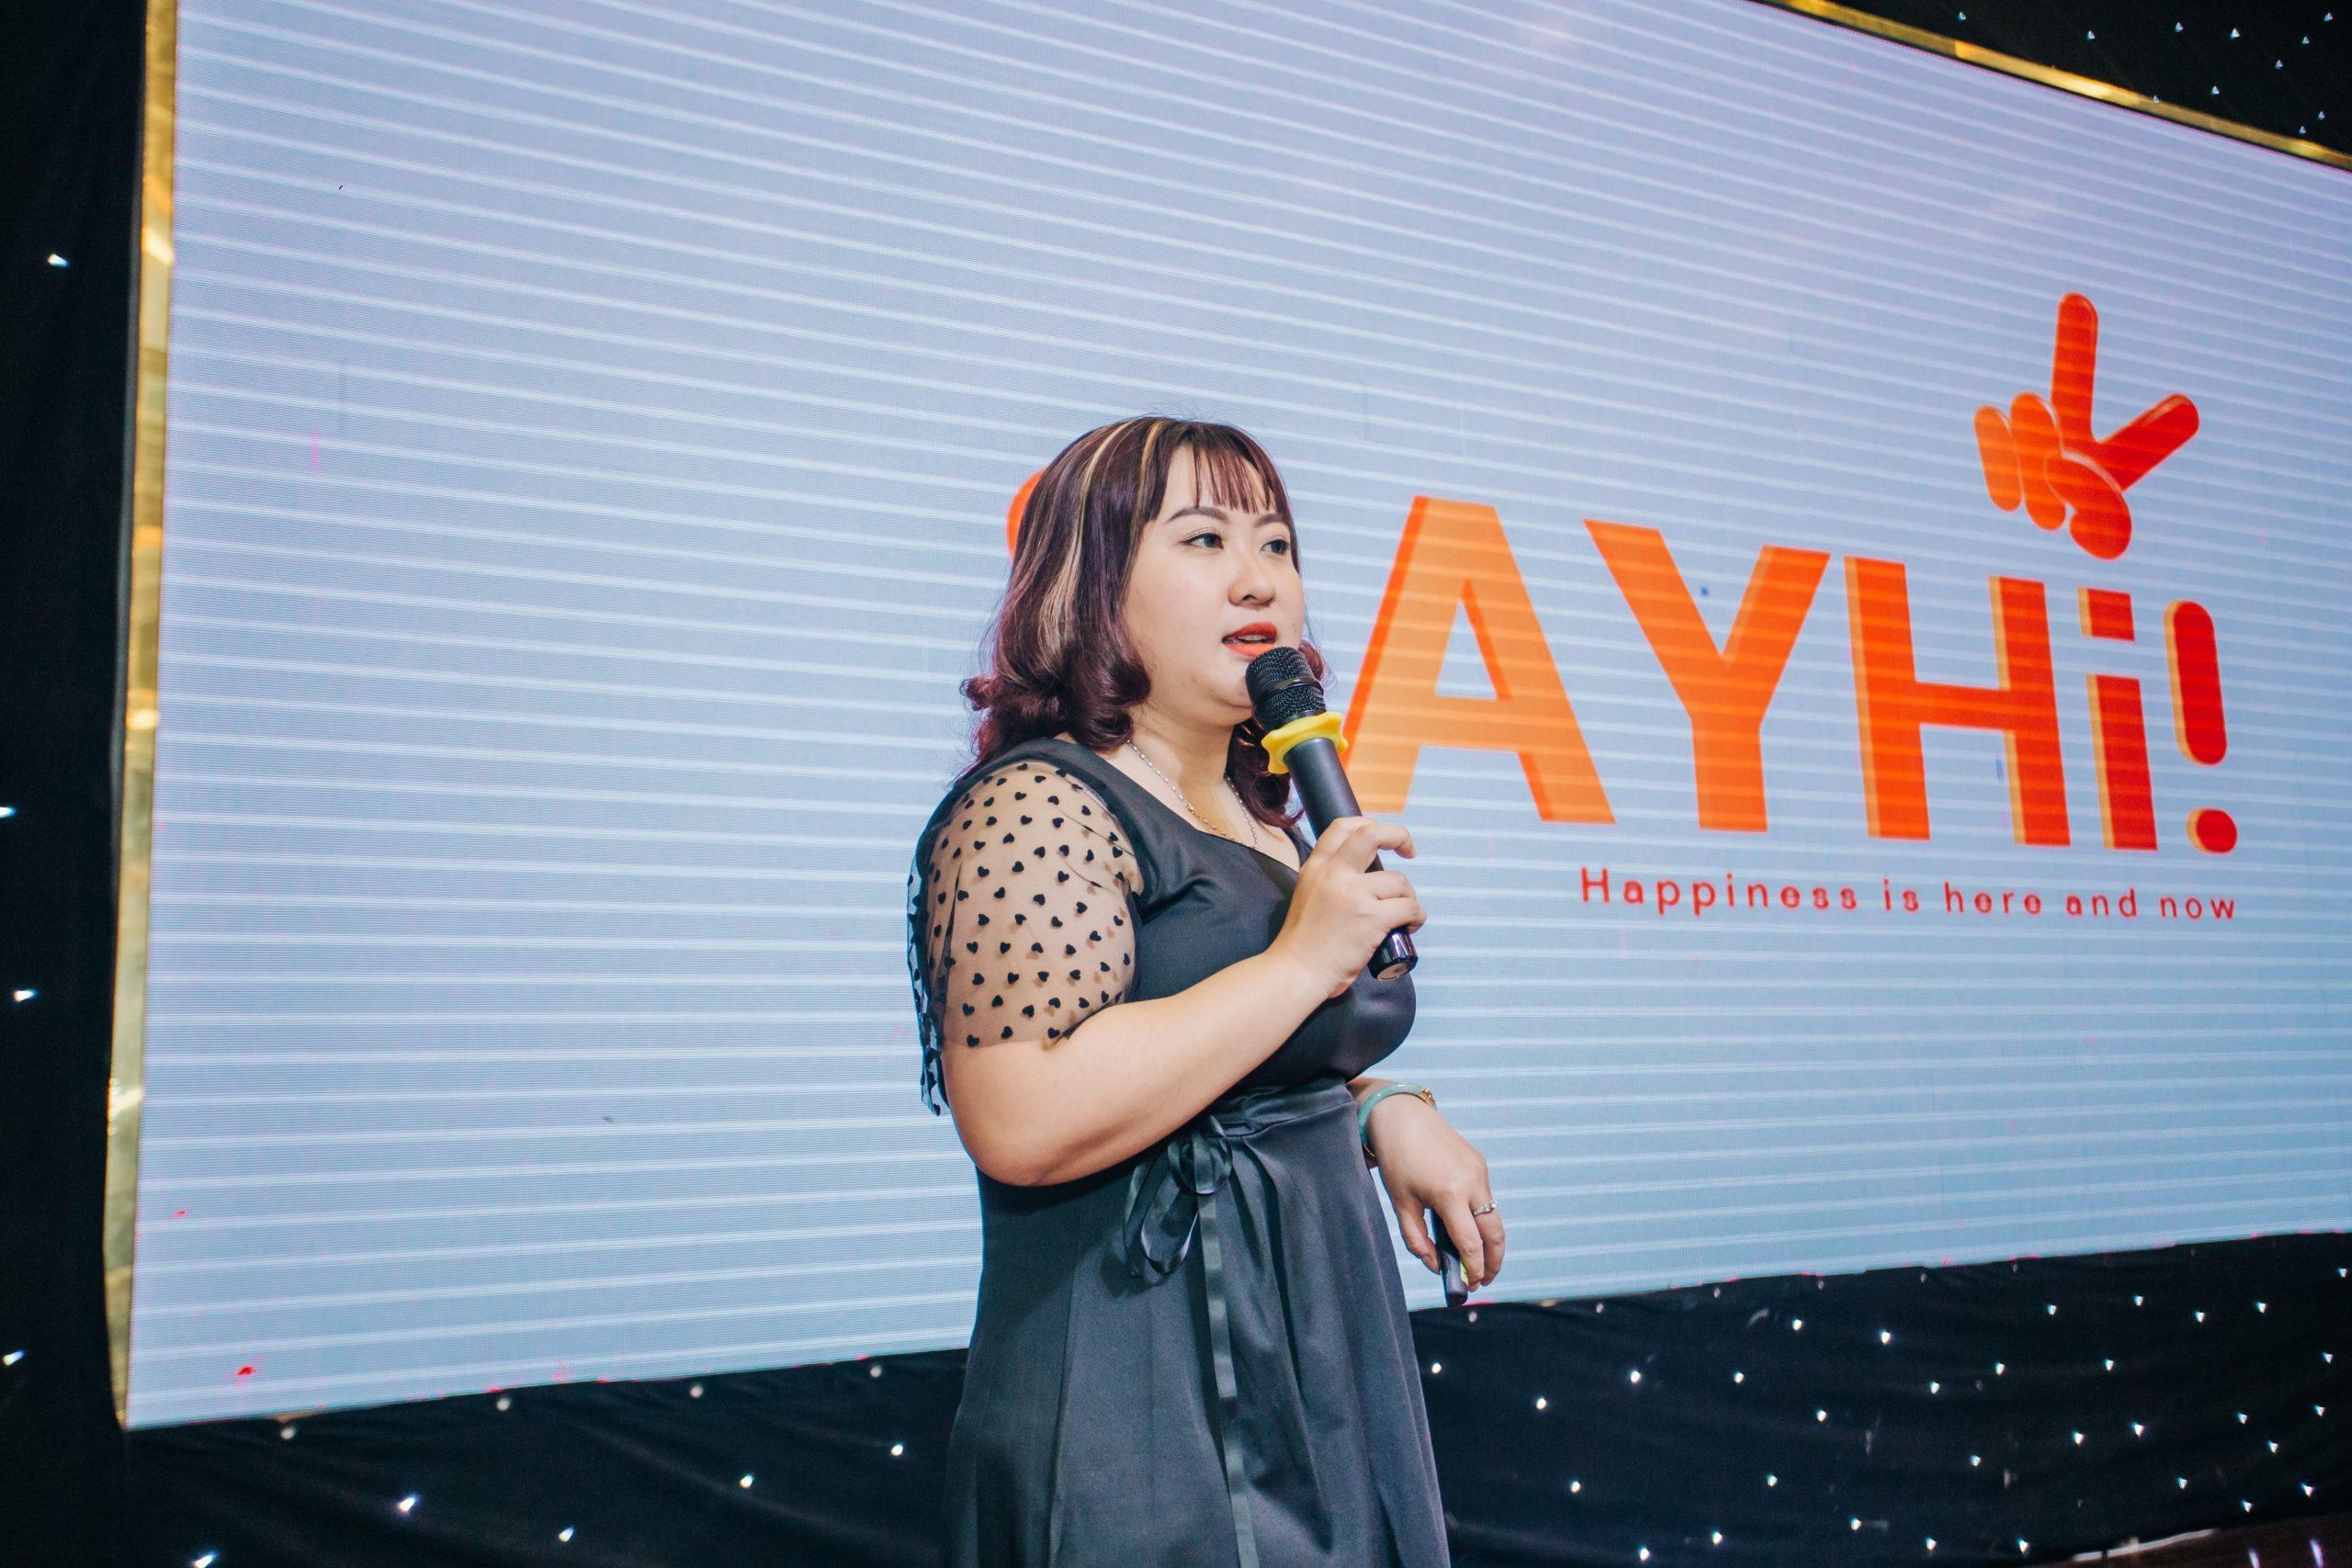 Quản lý công ty Sayhi